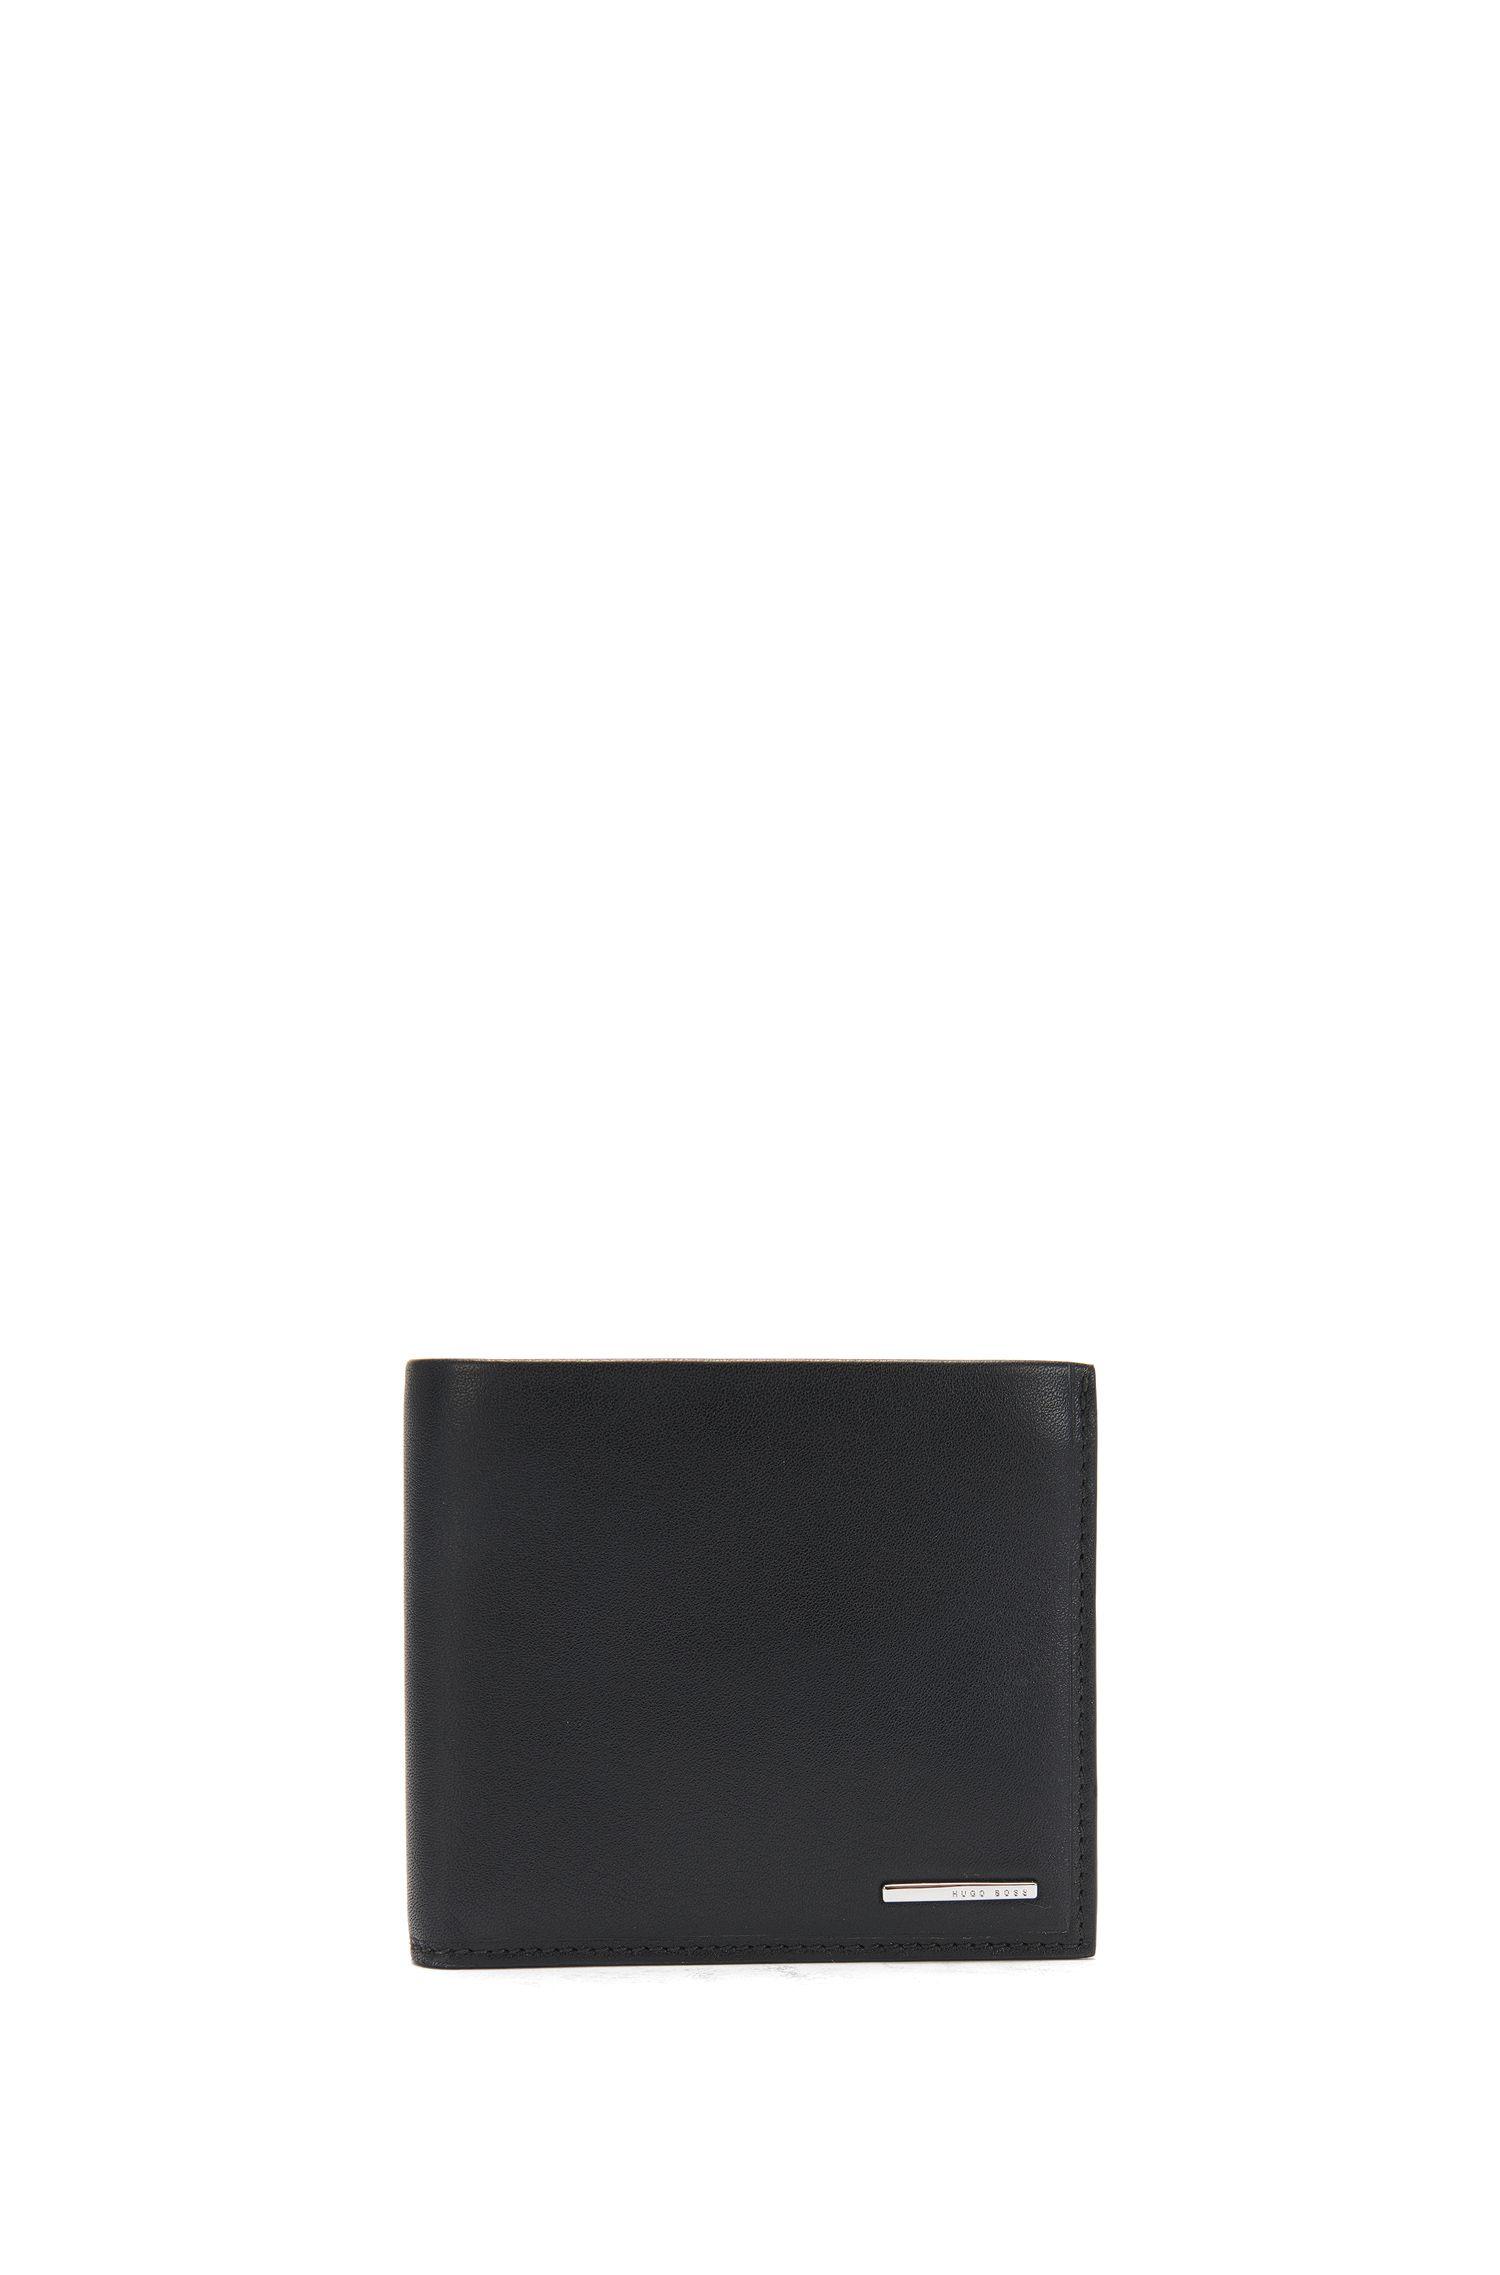 Portafoglio bi-fold in pelle con grana naturale con taschino portamonete